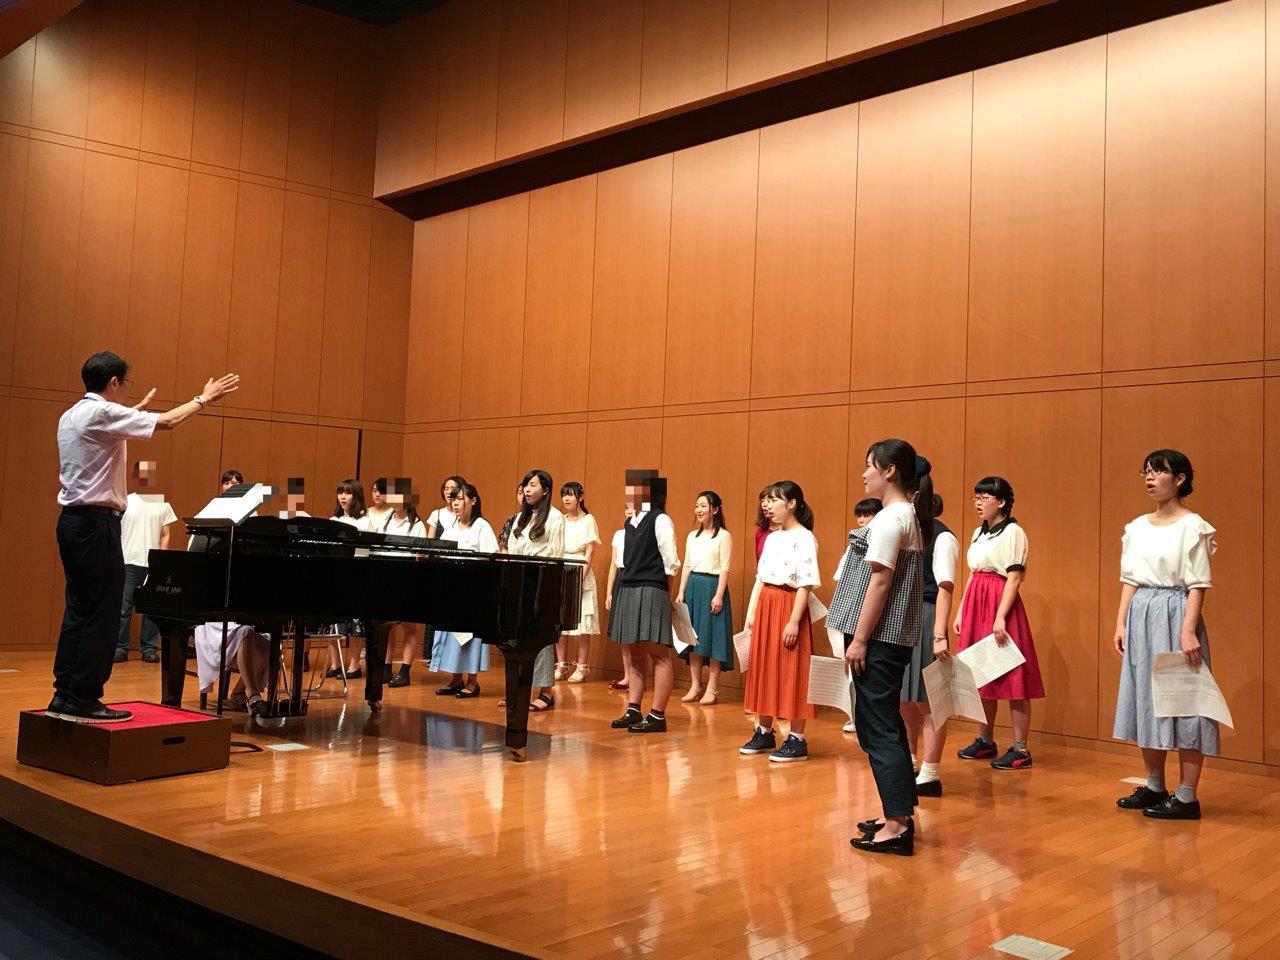 7月29日(日)「音教まつり」のオープンキャンパス、ご来場ありがとうございました!